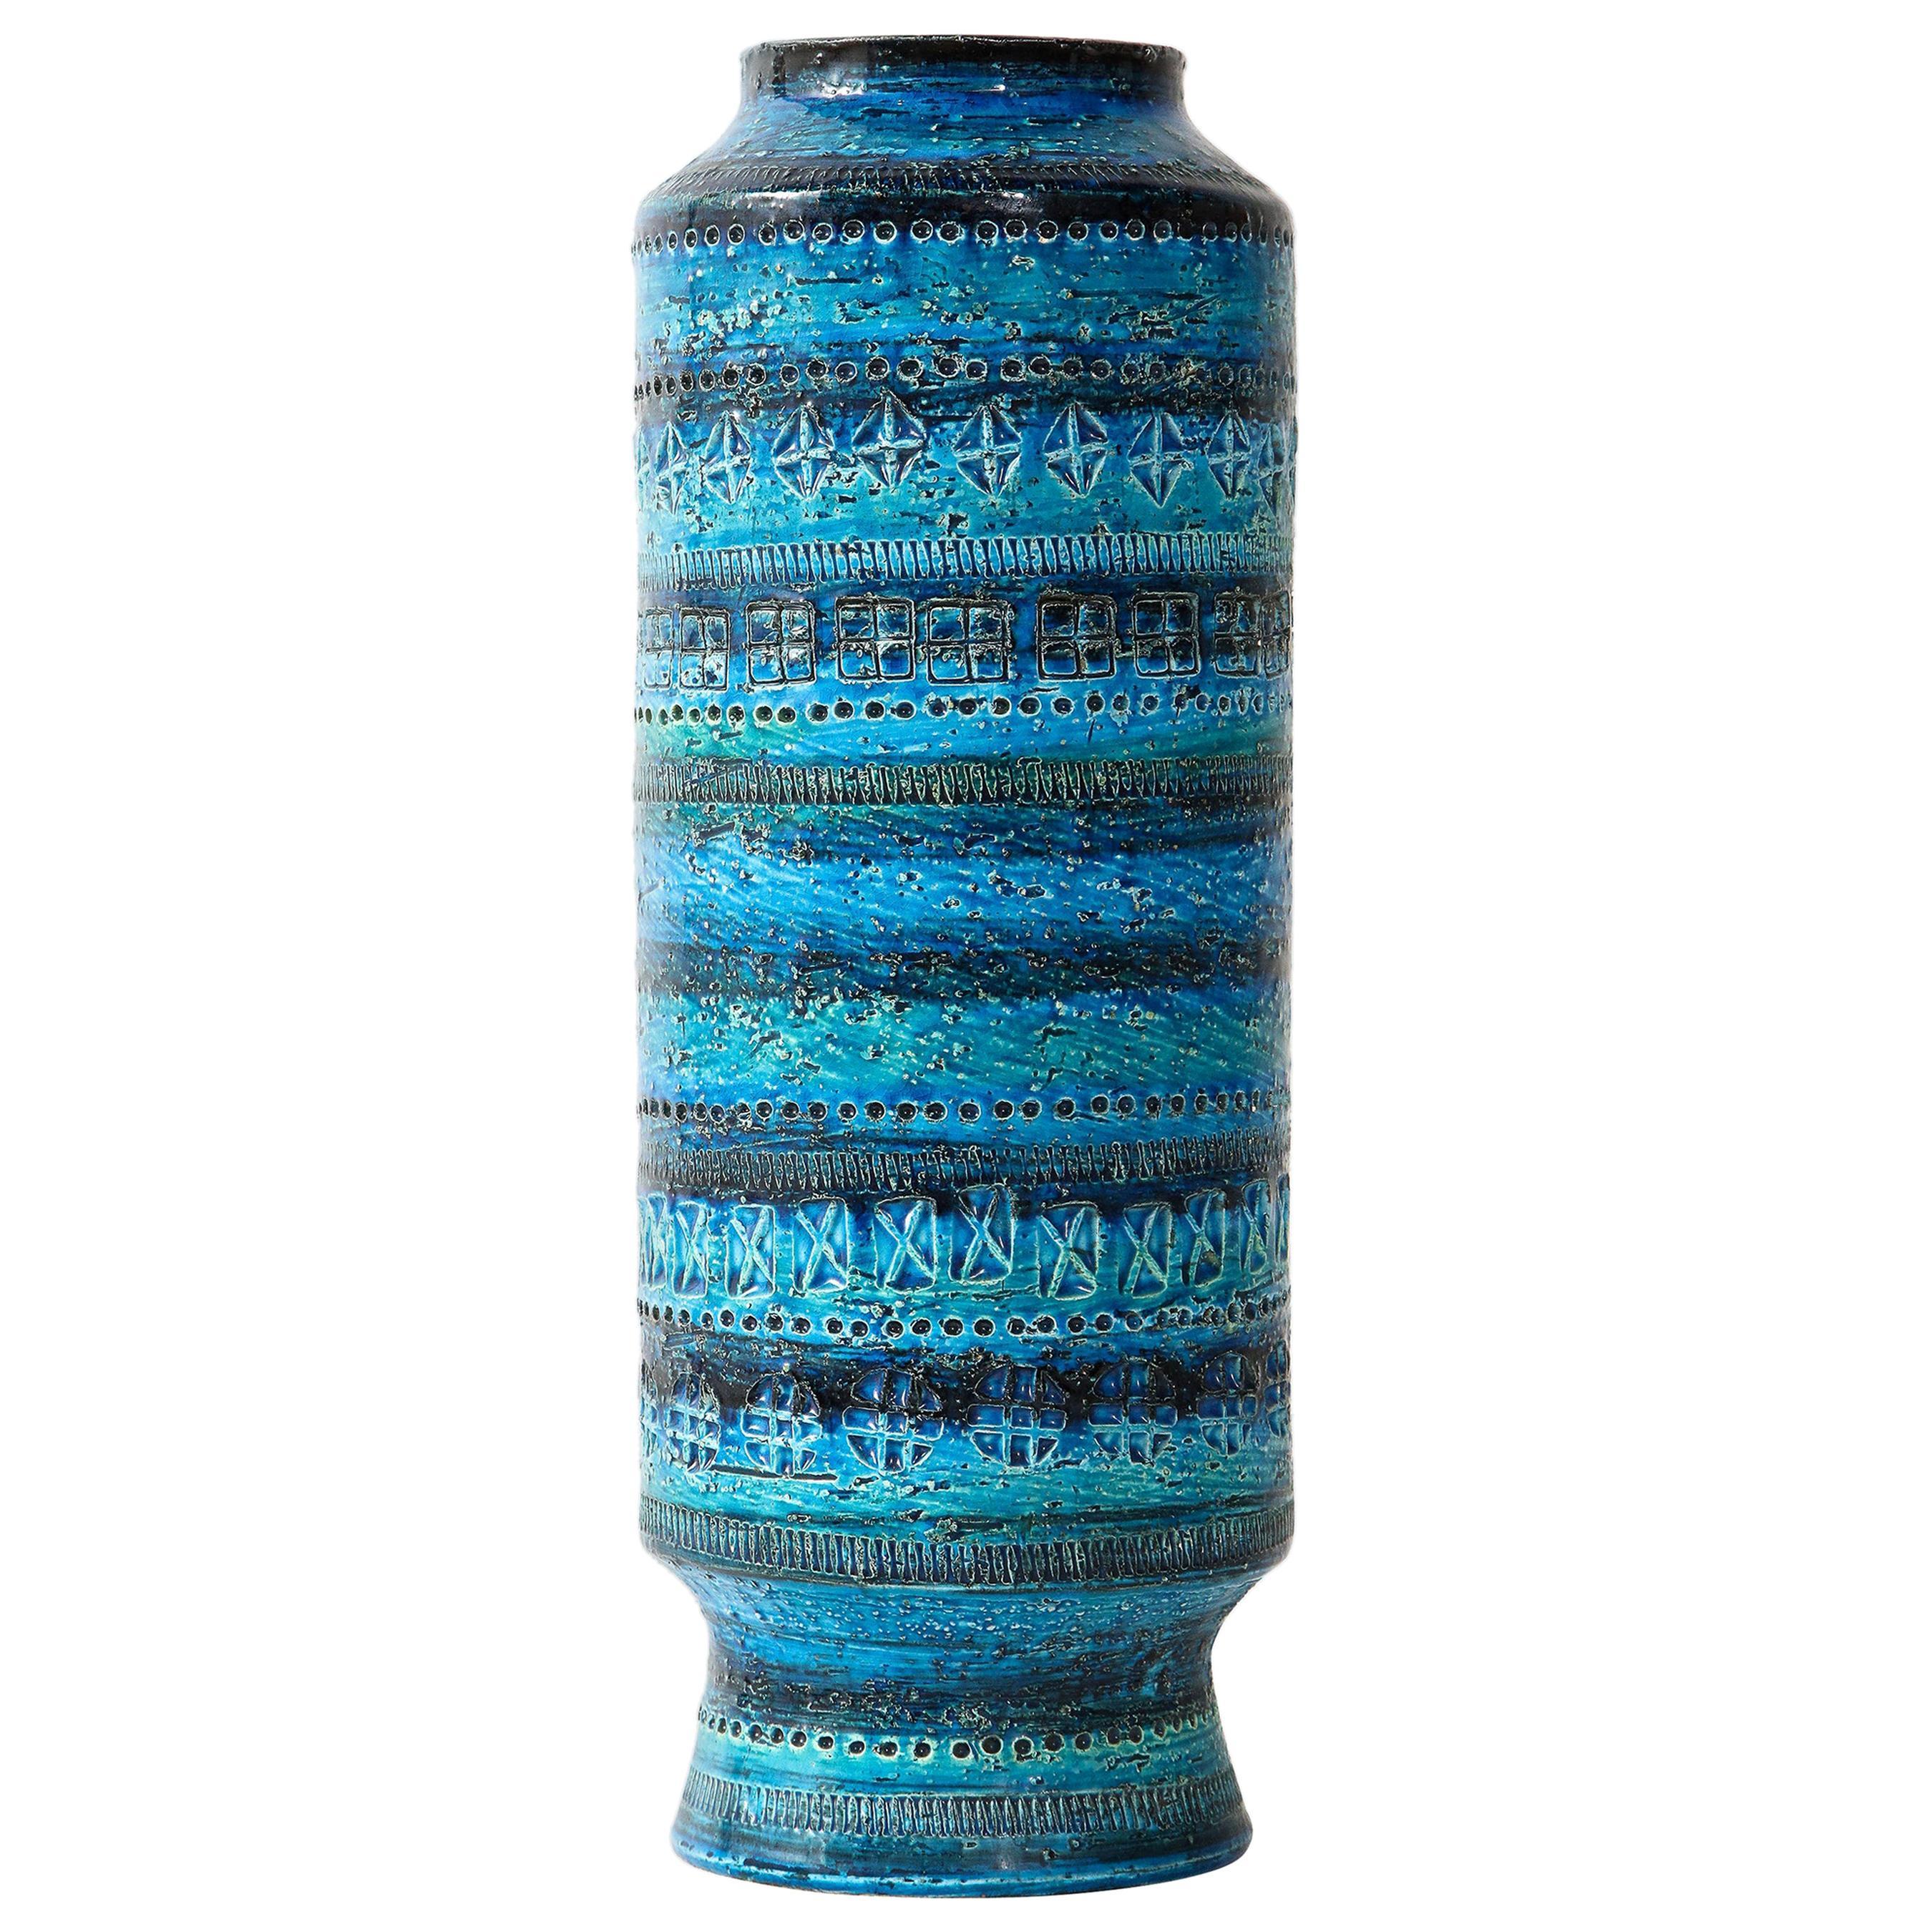 Bitossi, Ceramic Vase, Midcentury, Italy, Turquoise, circa 1950, Tall